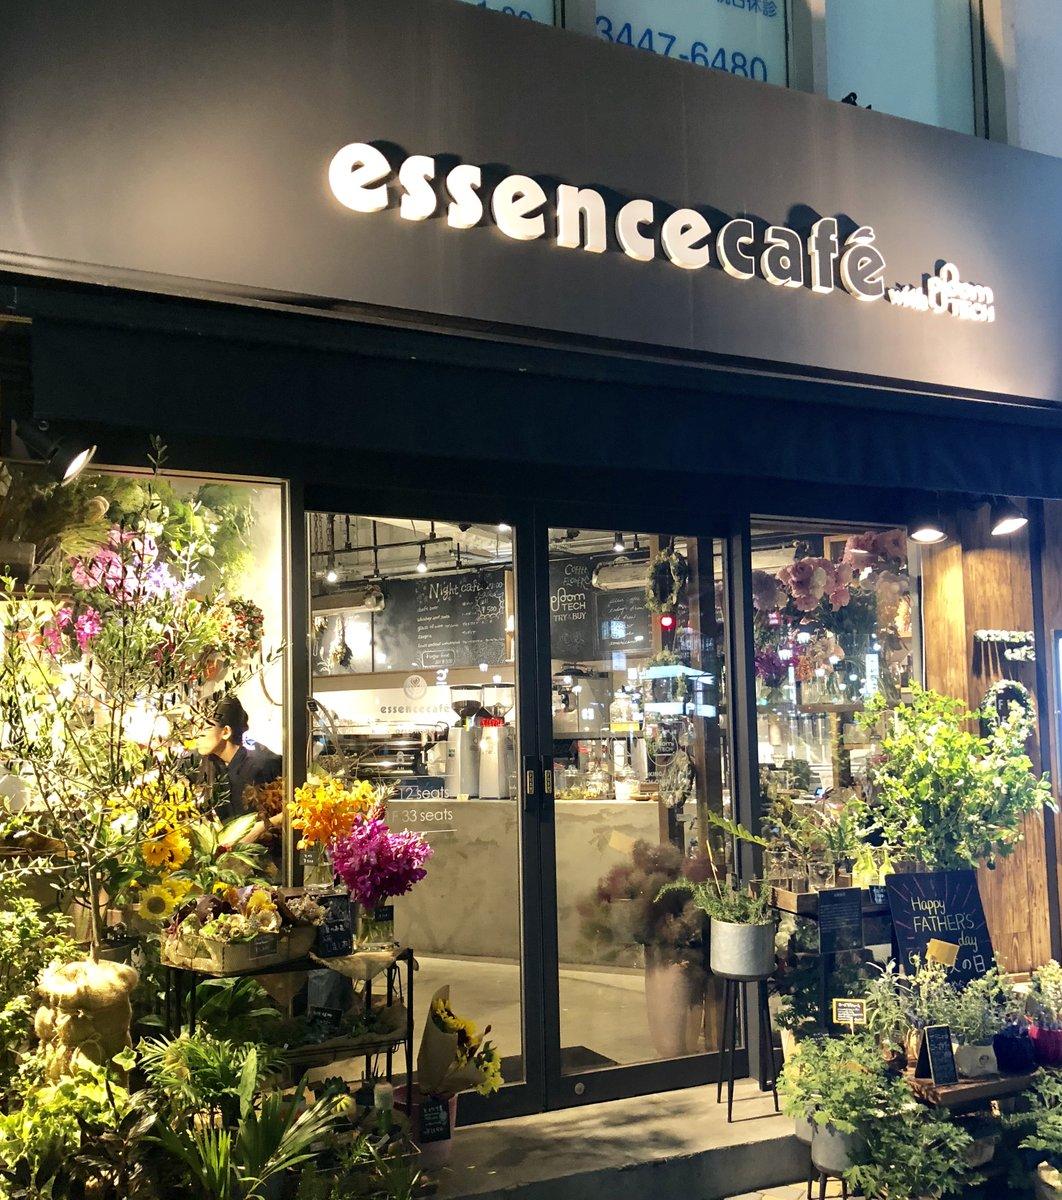 エッセンス カフェ (essence cafe)